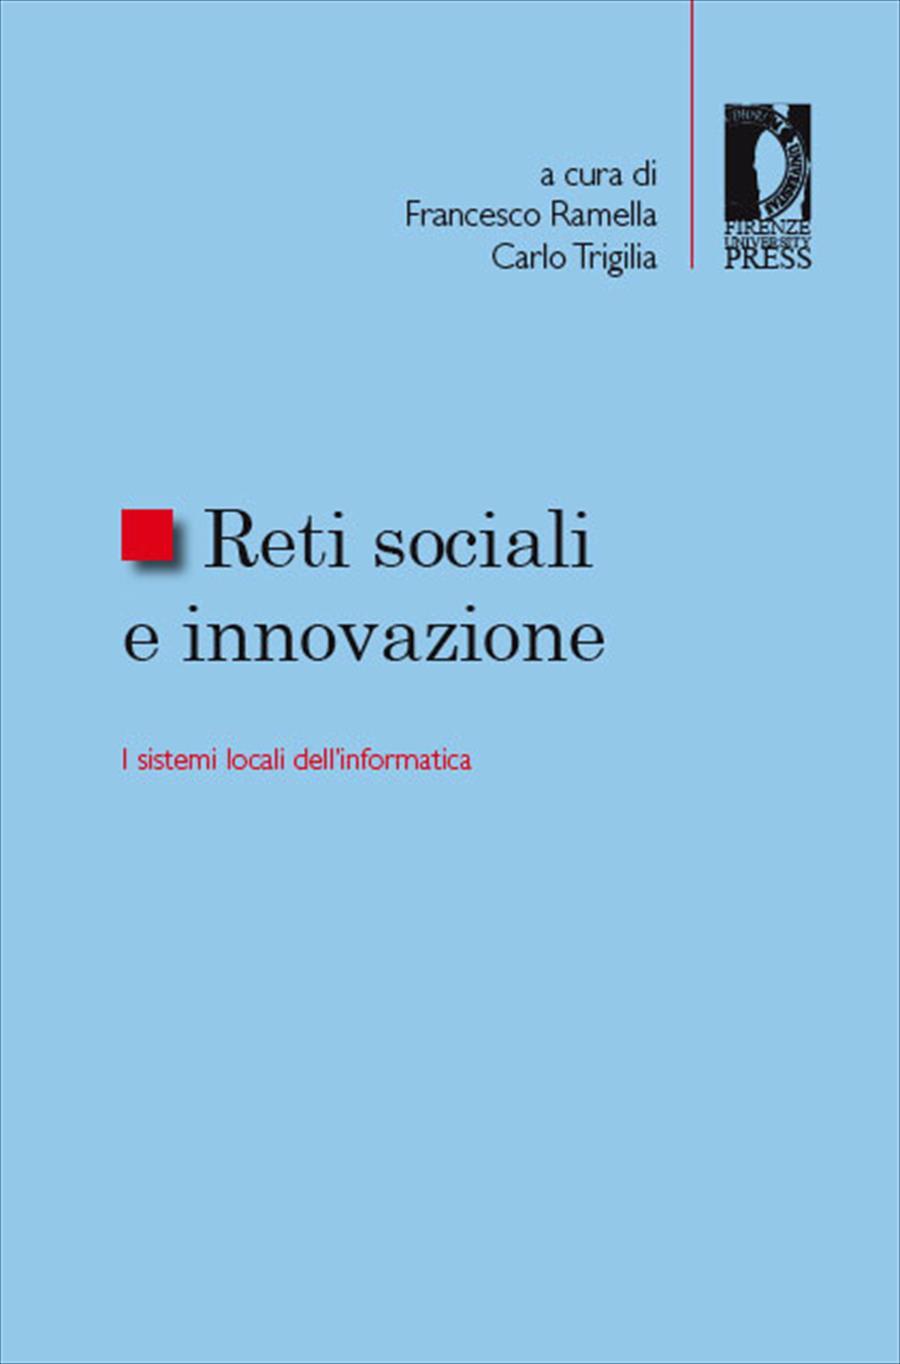 Reti sociali e innovazione